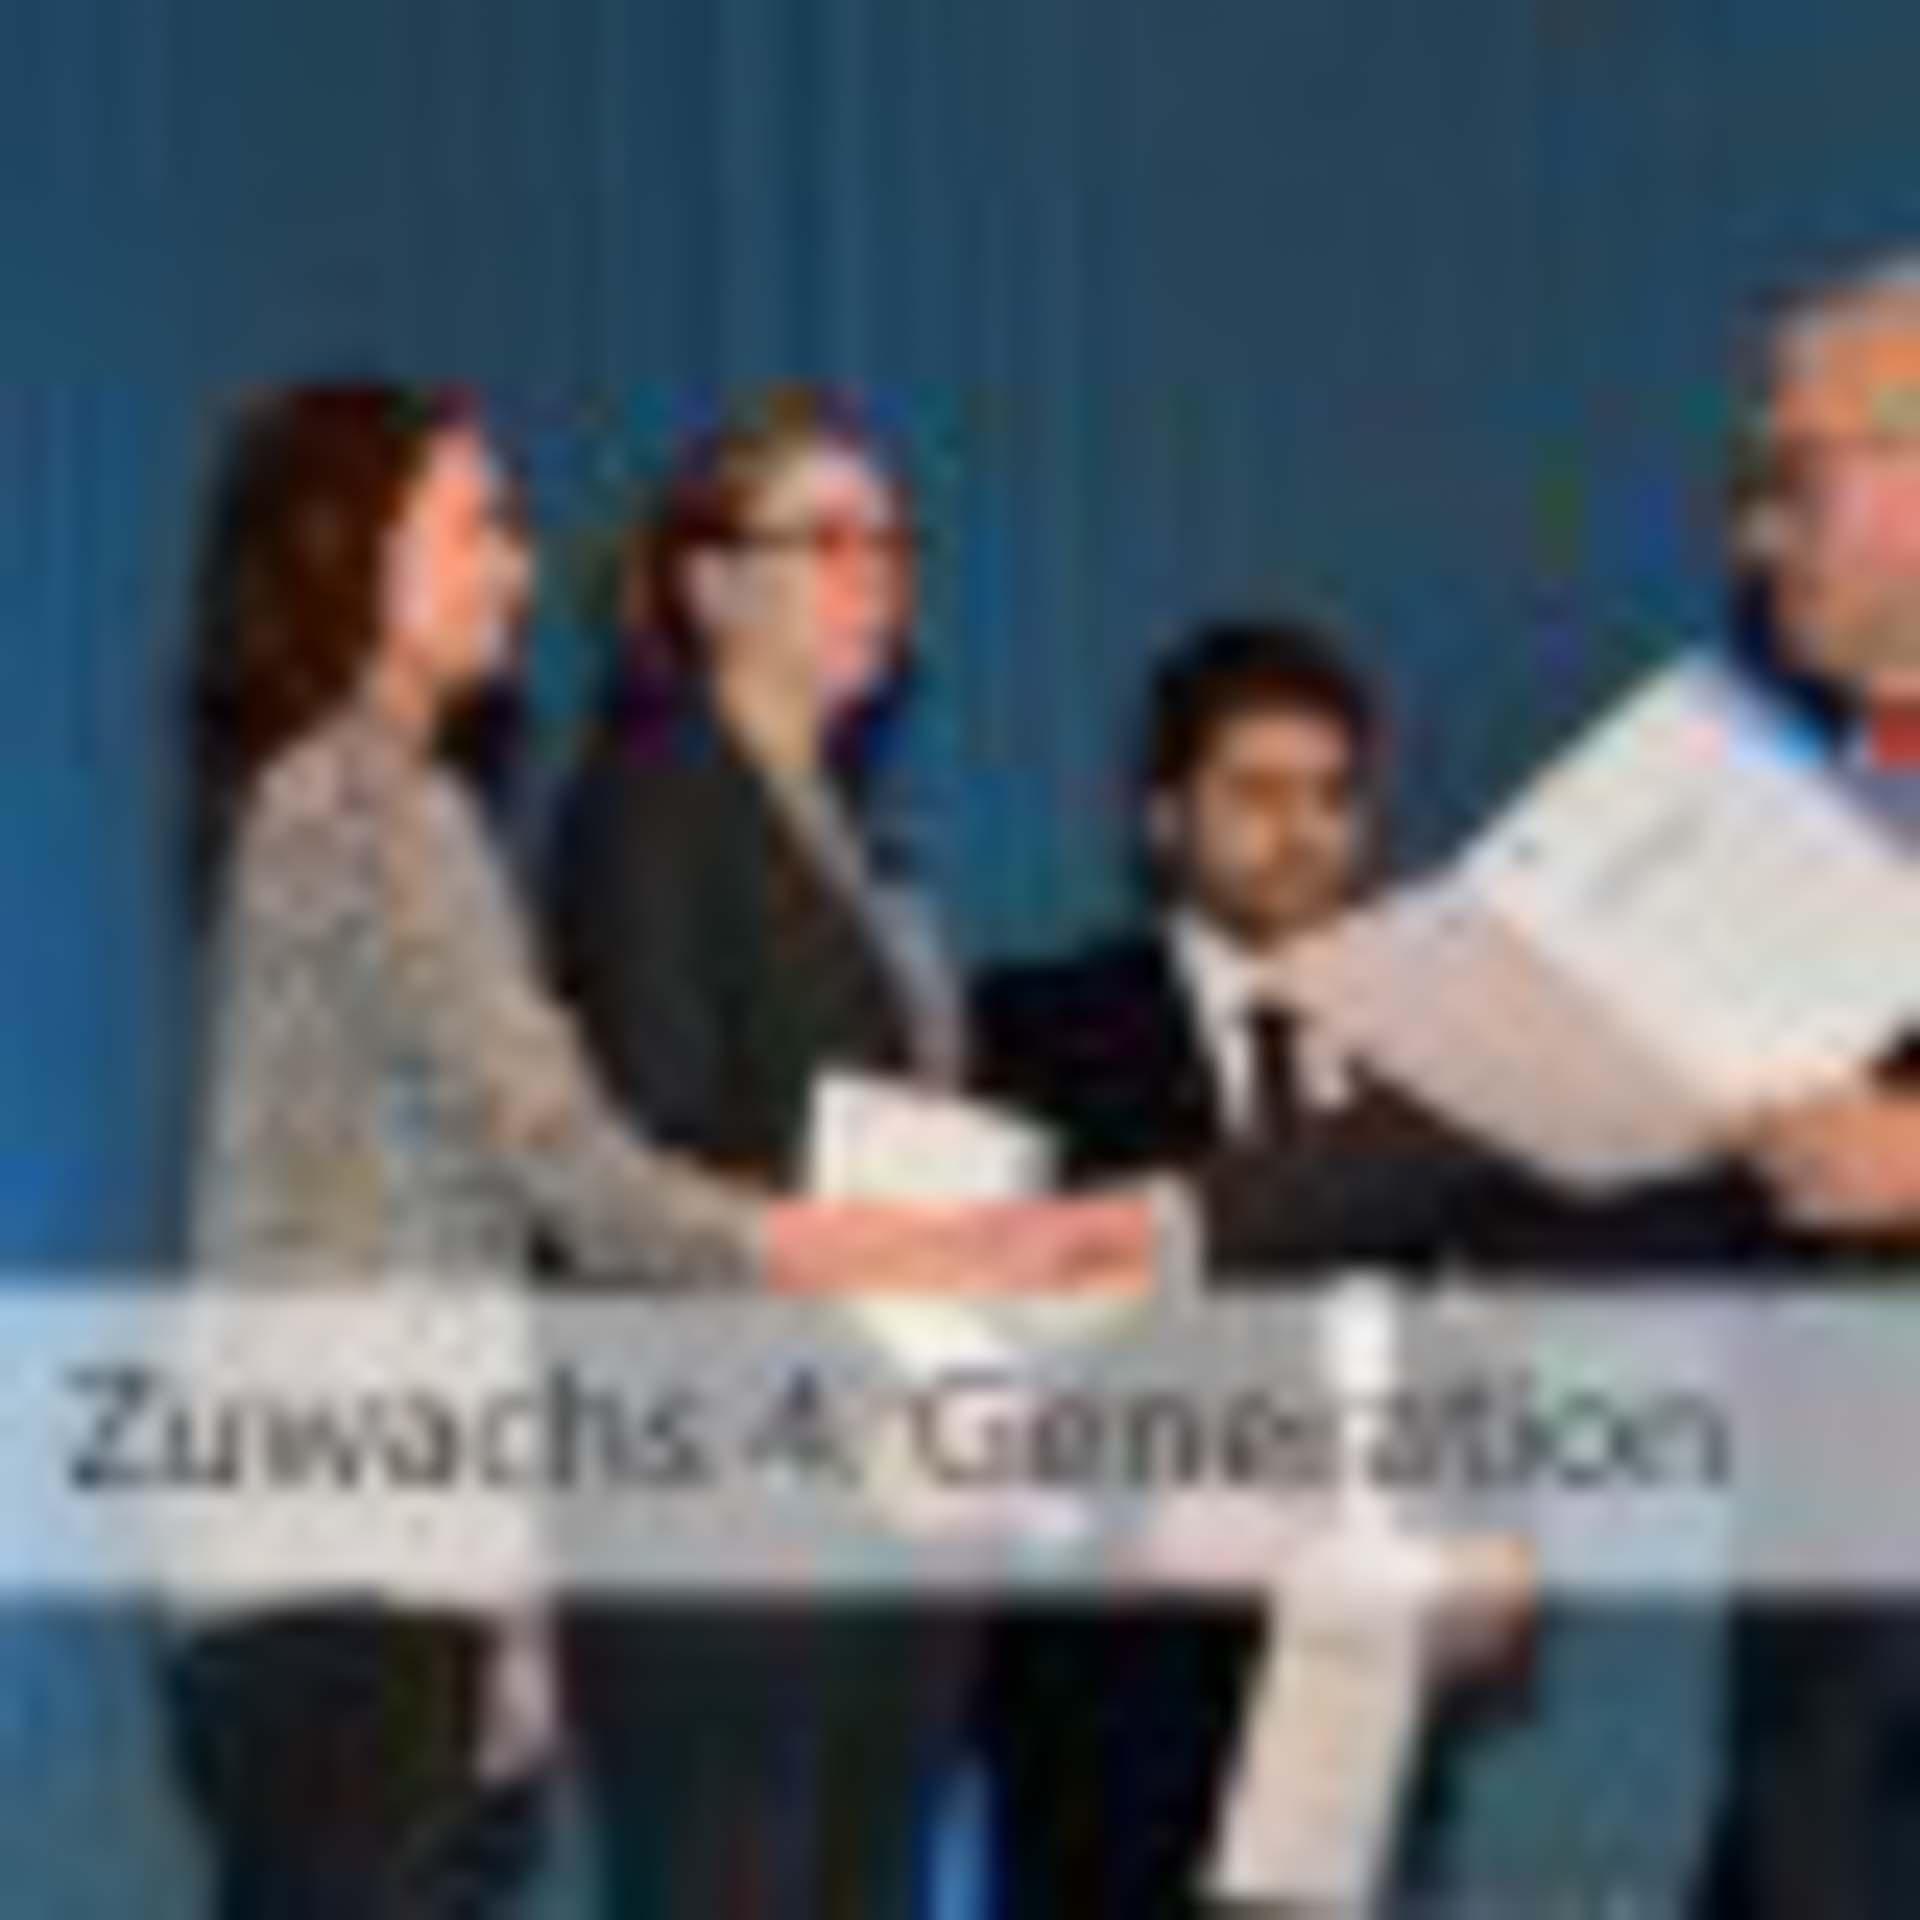 Zuwachs 4. Generation | Papier-Schäfer GmbH & Co. KG